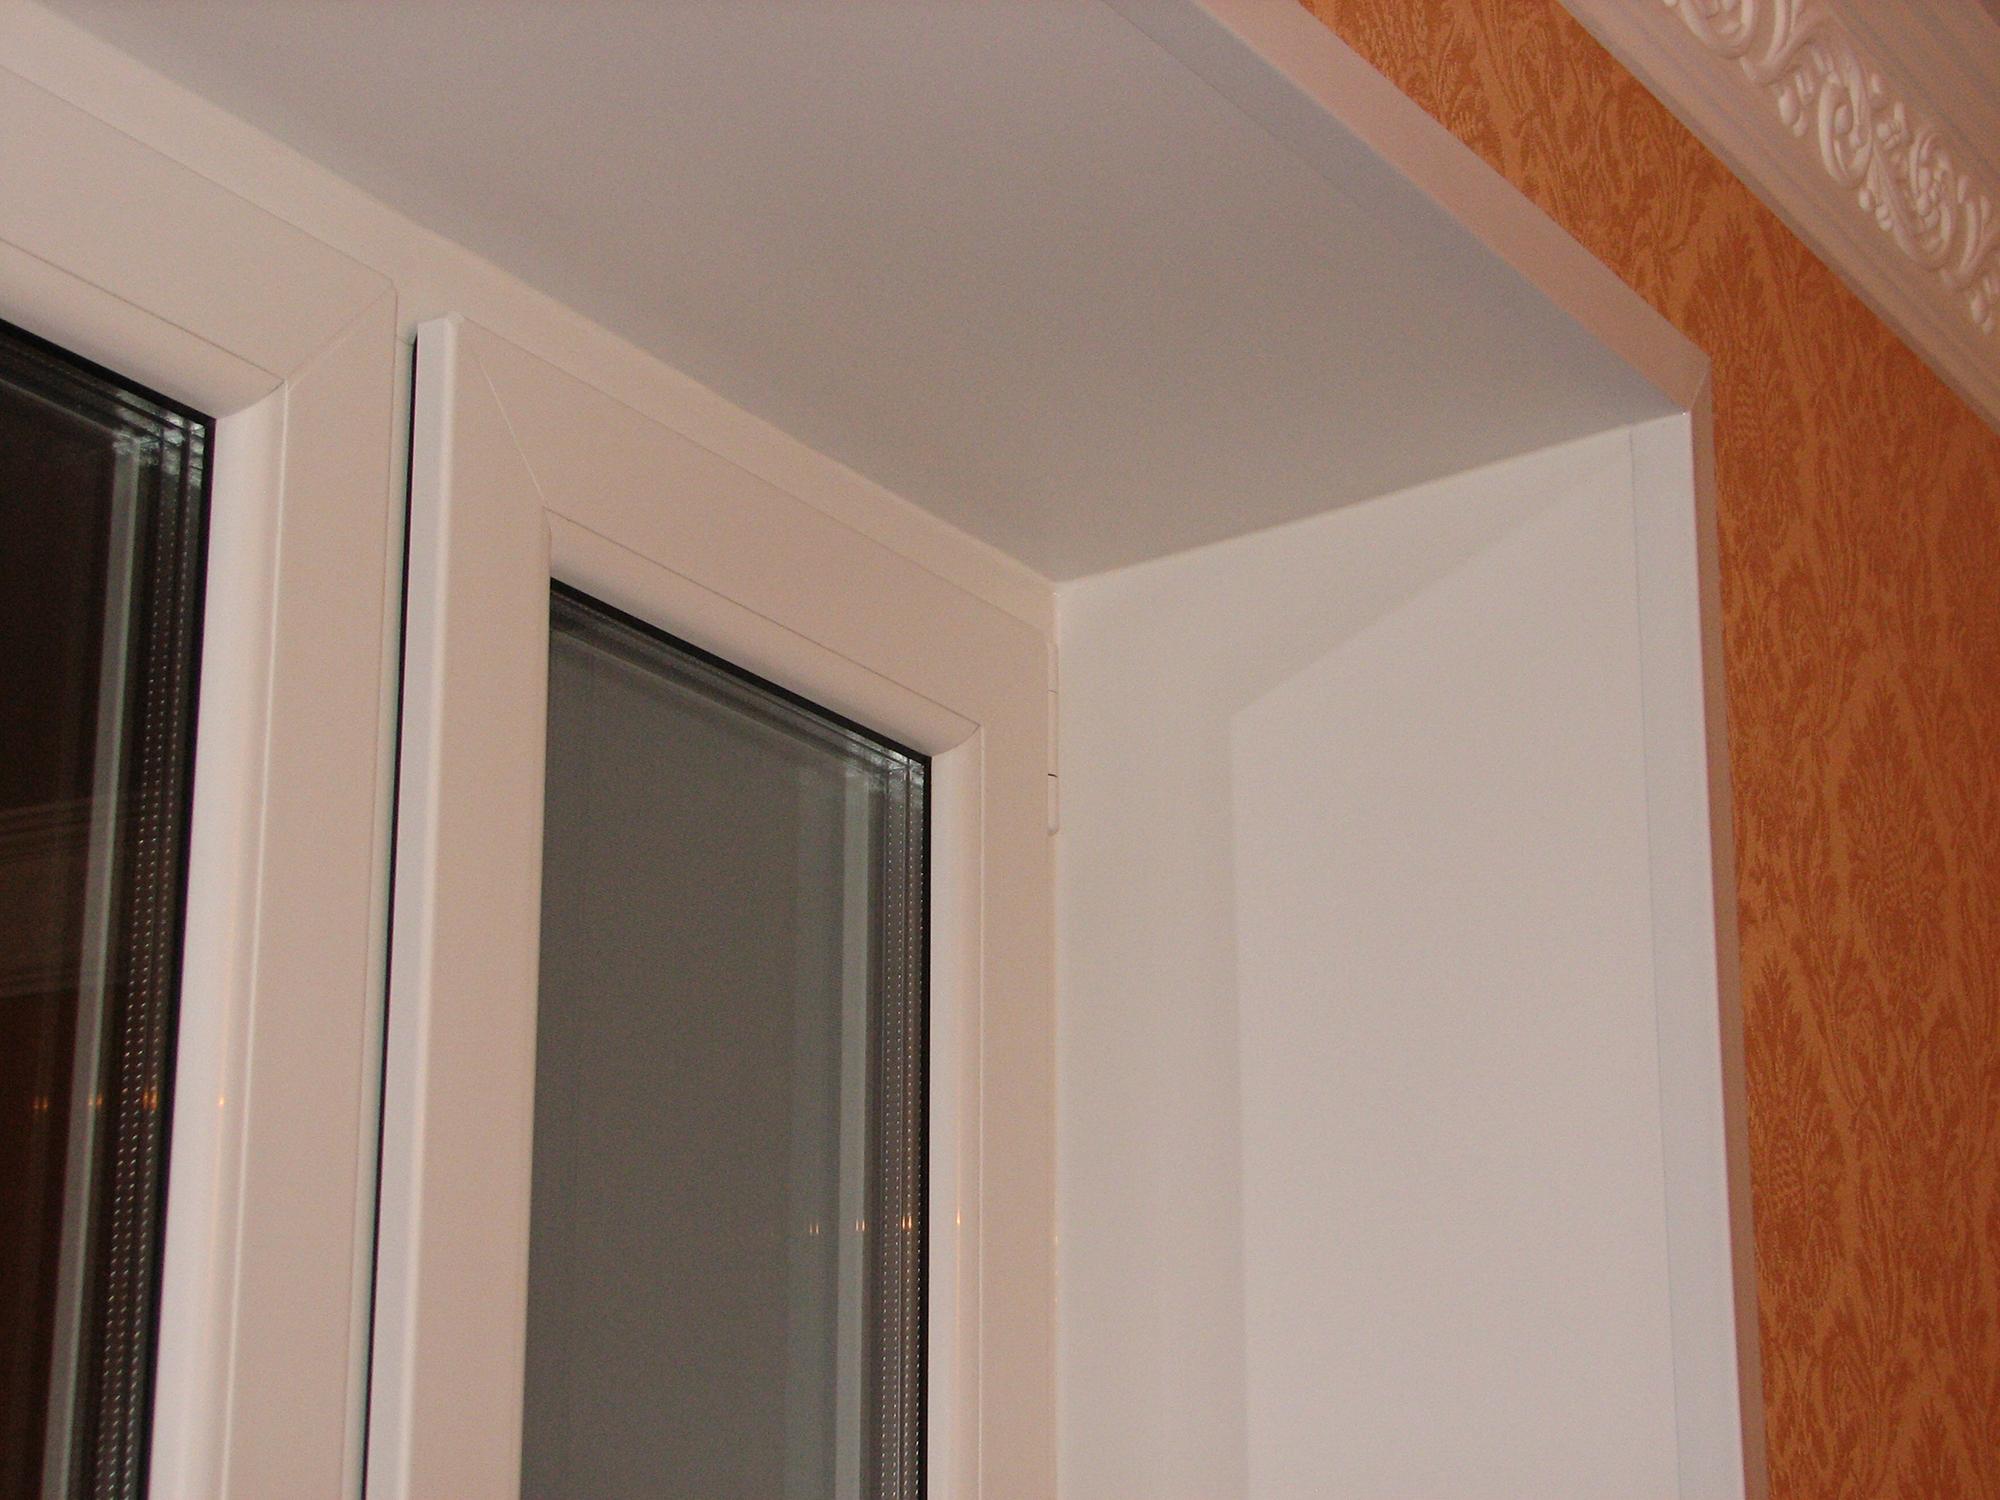 Белый уголок на откосе окна не позволяет обоям отклеиваться